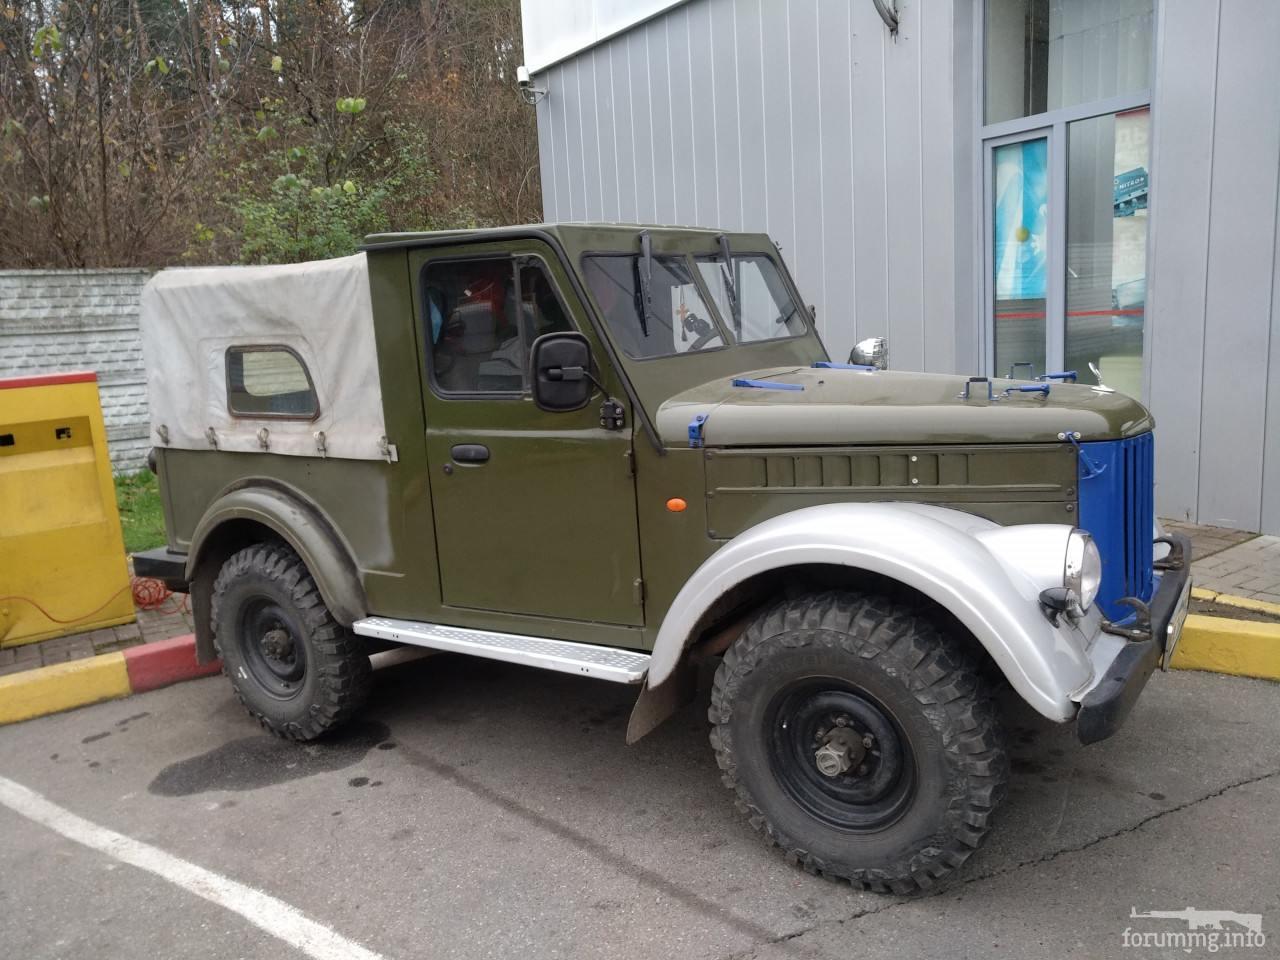 117818 - Обзор автомобиля ГАЗ-69 / ГАЗ-69А.